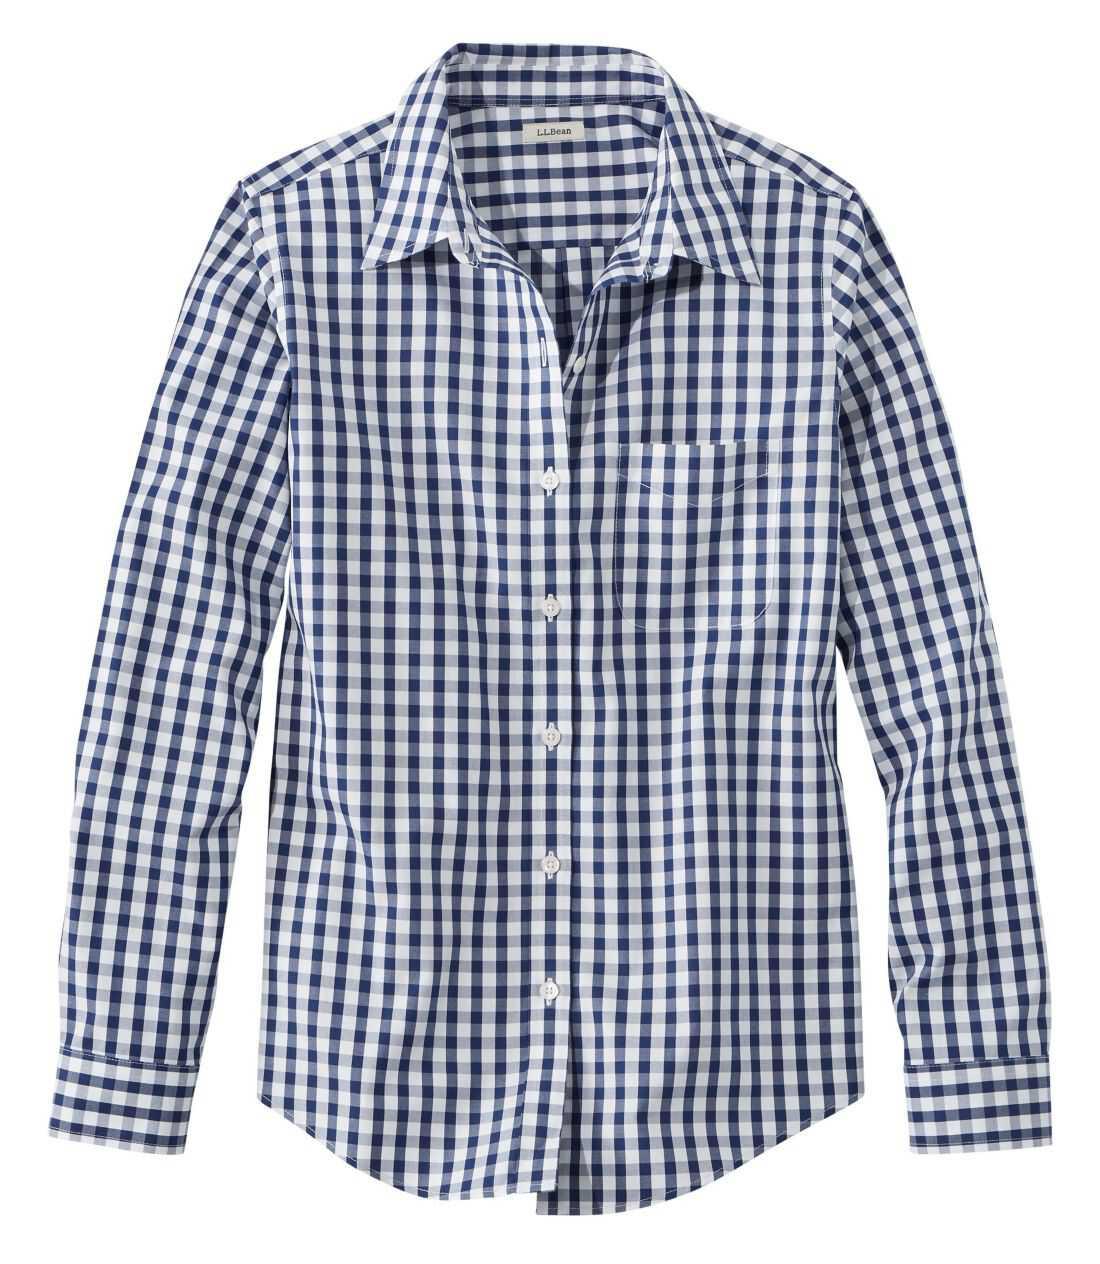 リンクルフリー(形態安定)・ピンポイント・オックスフォード・シャツ、オリジナル 長袖 プラッド